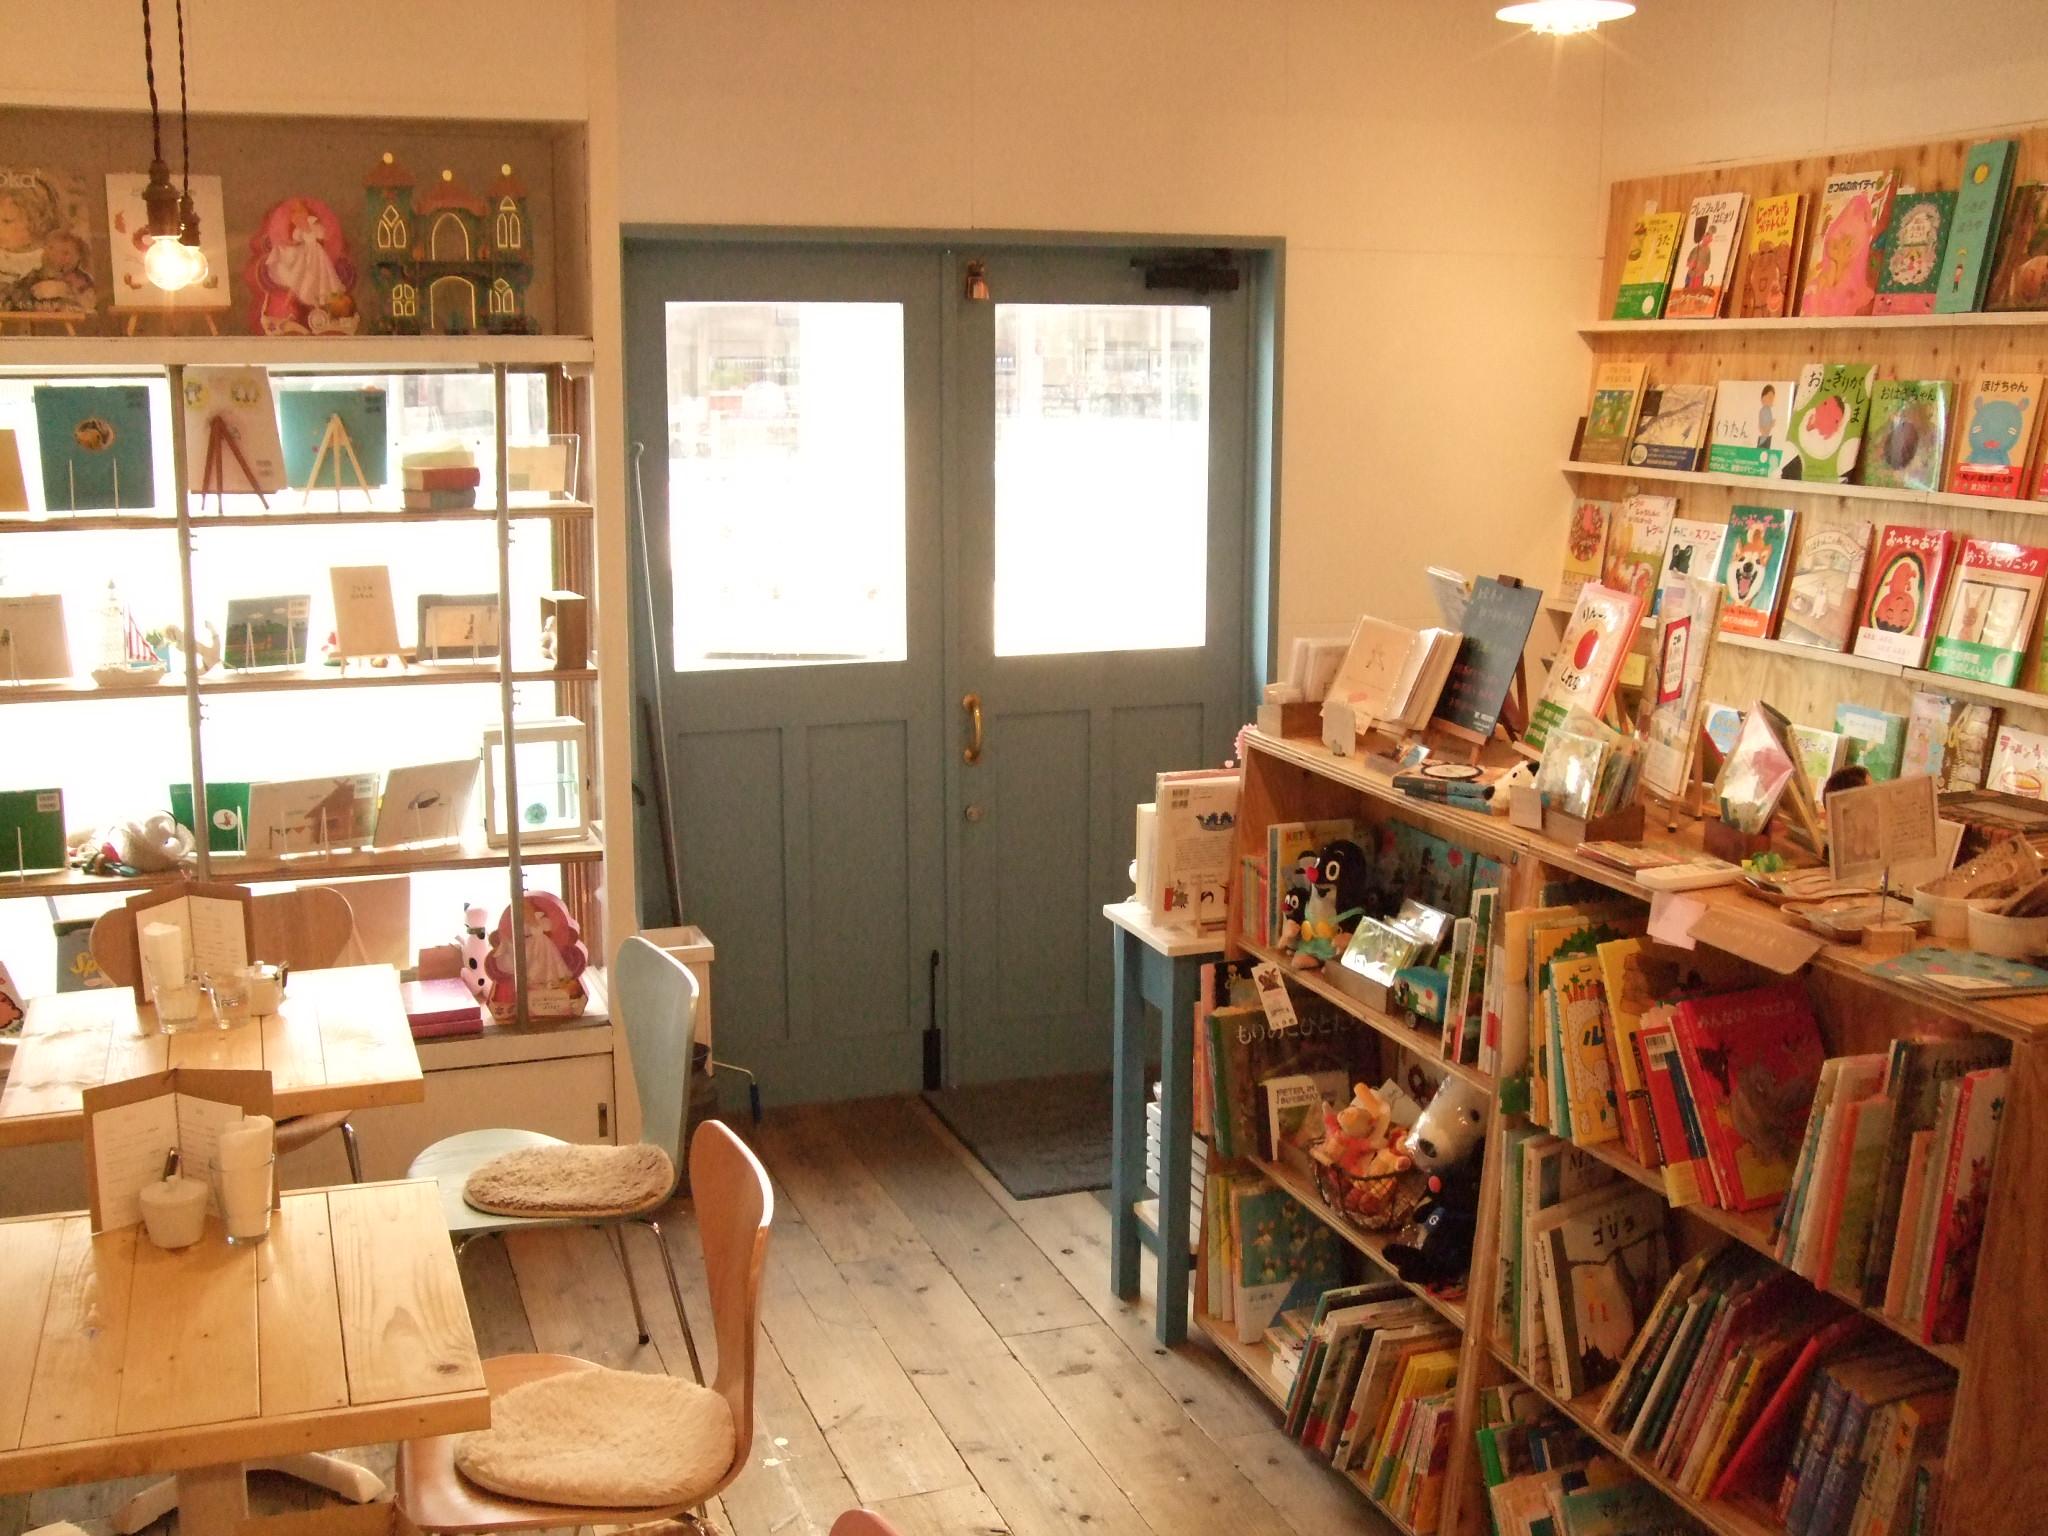 絵本カフェにハマる大人続出☆素敵な絵本カフェで幸せなひとときを♡のサムネイル画像